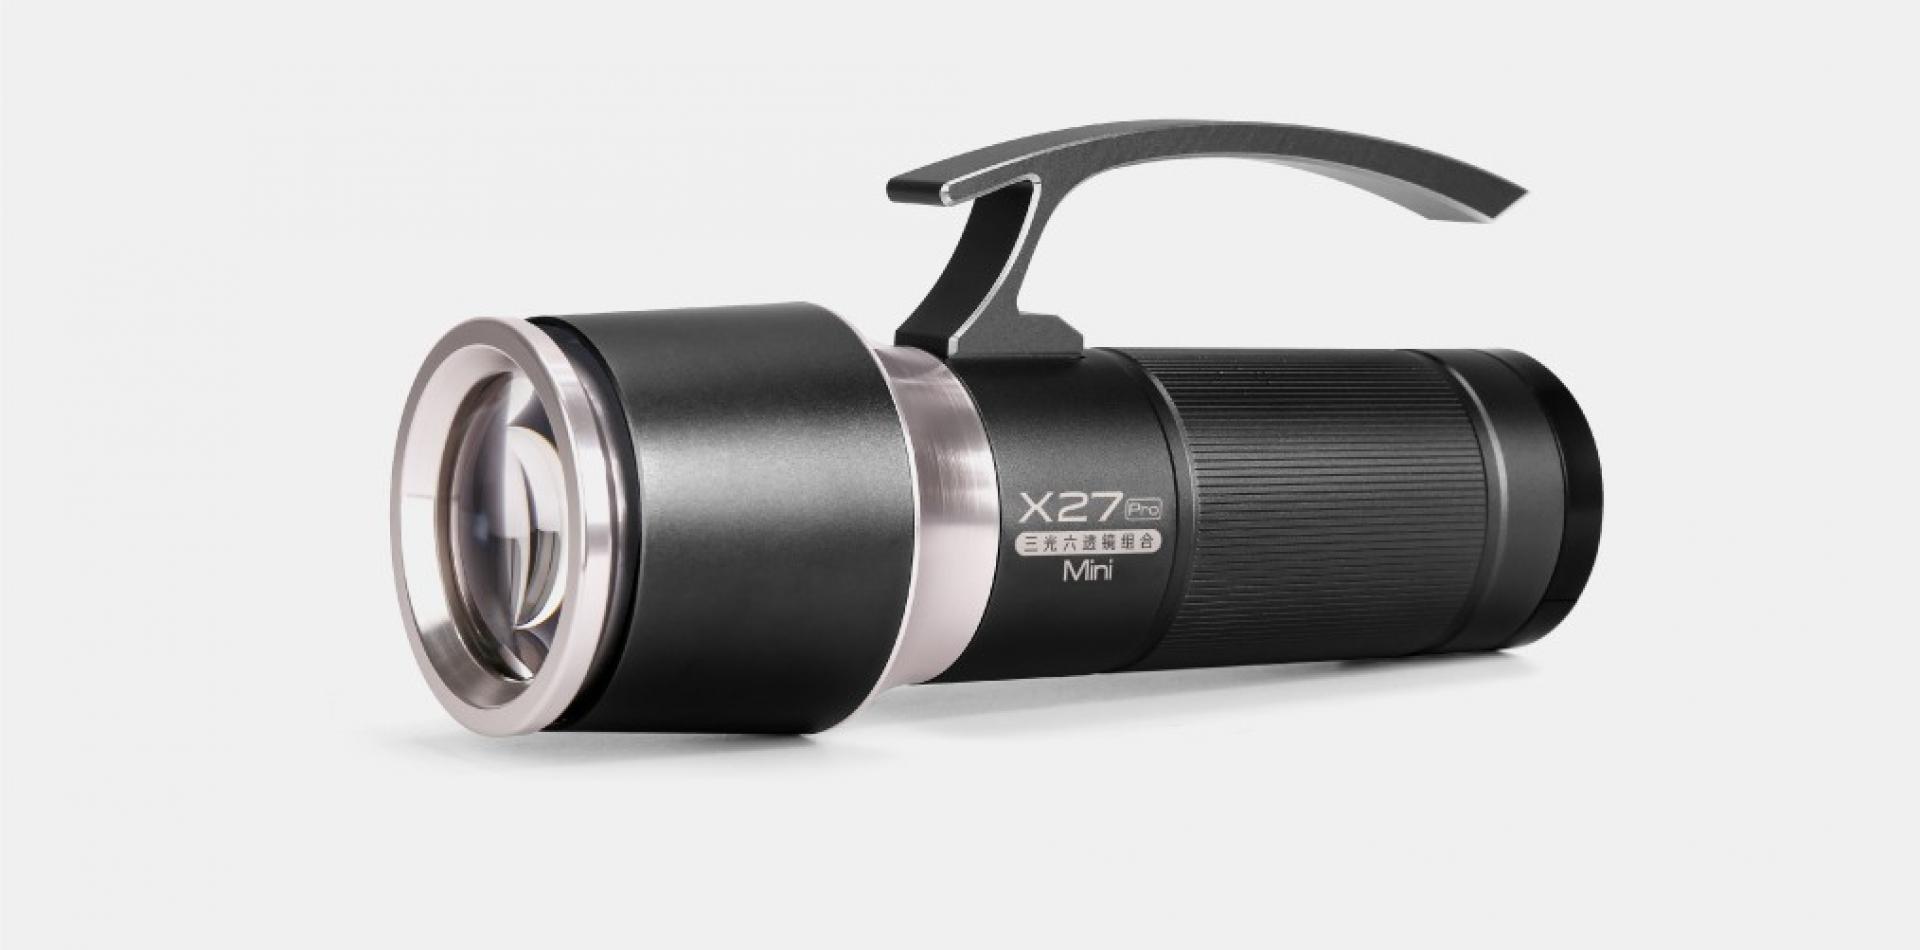 X27 Pro Mini